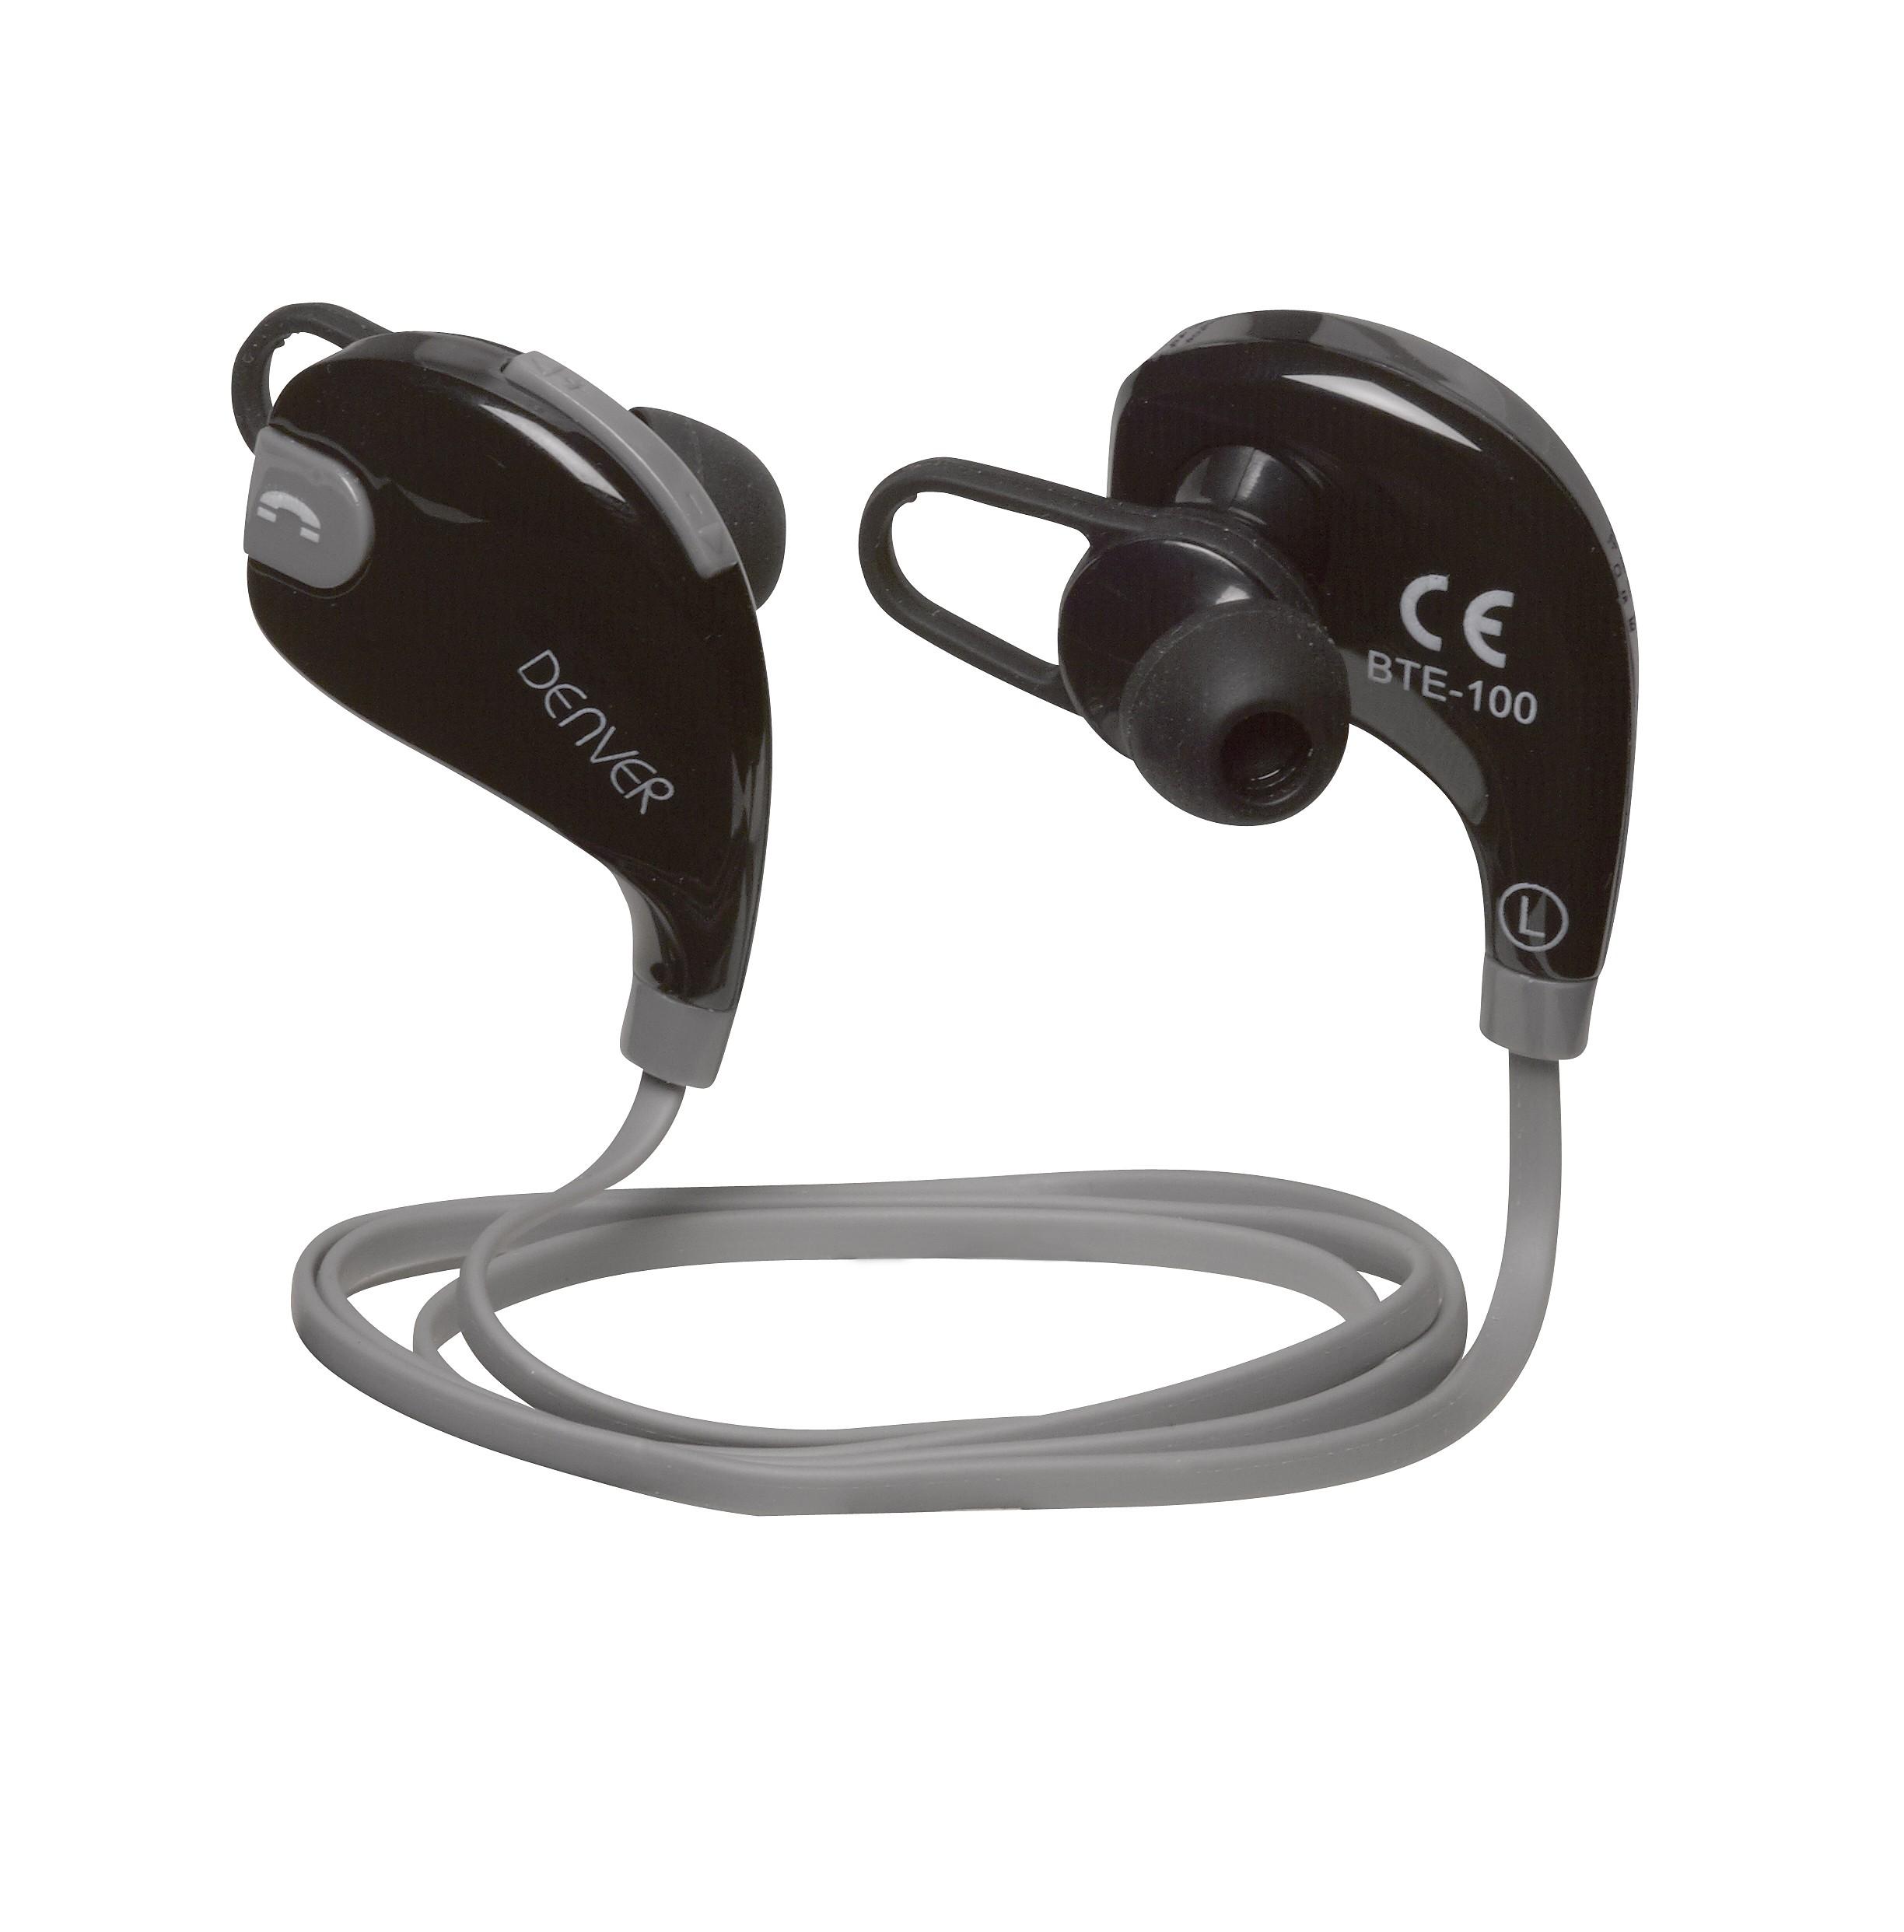 auriculares denver bte100grey bluetooth